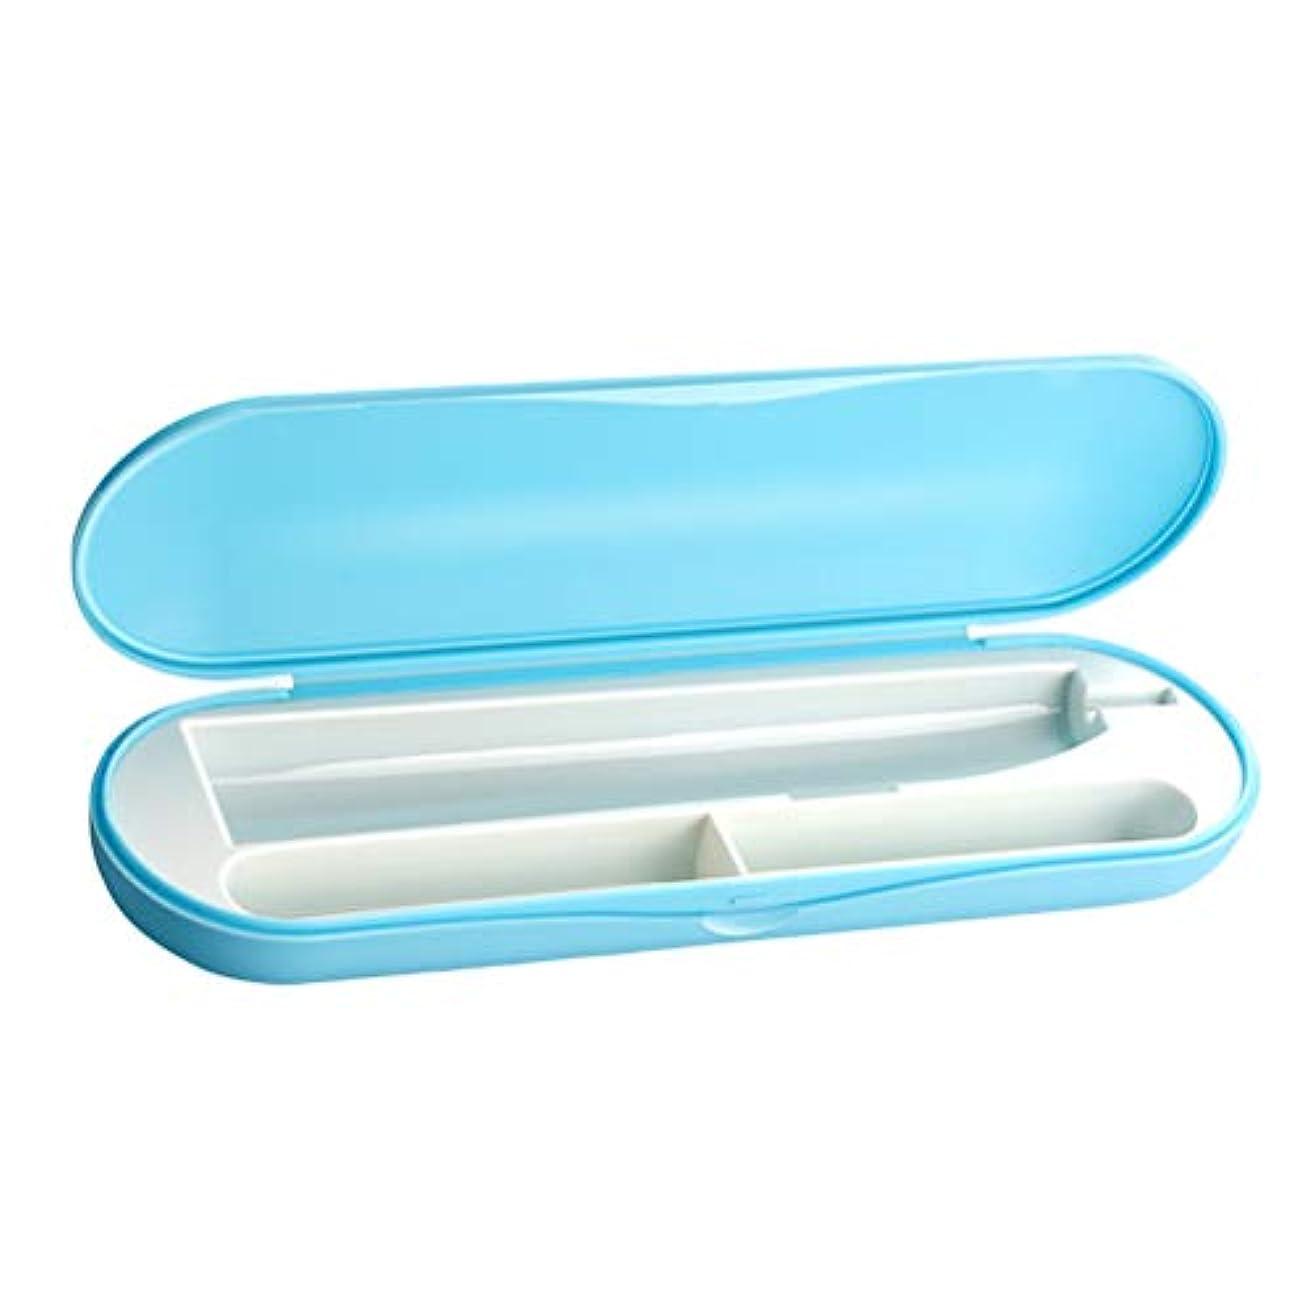 受信コンテンツ硬いHealifty ポータブル電動歯ブラシケース歯磨き粉旅行キャンプ収納ホルダーボックス(ブルー)